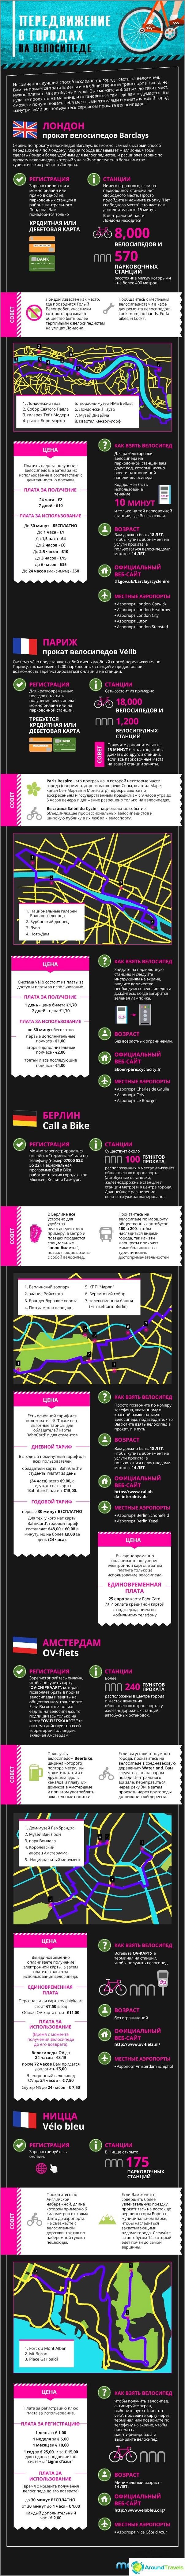 Julkisen Bike-Transport-by-City_Russian